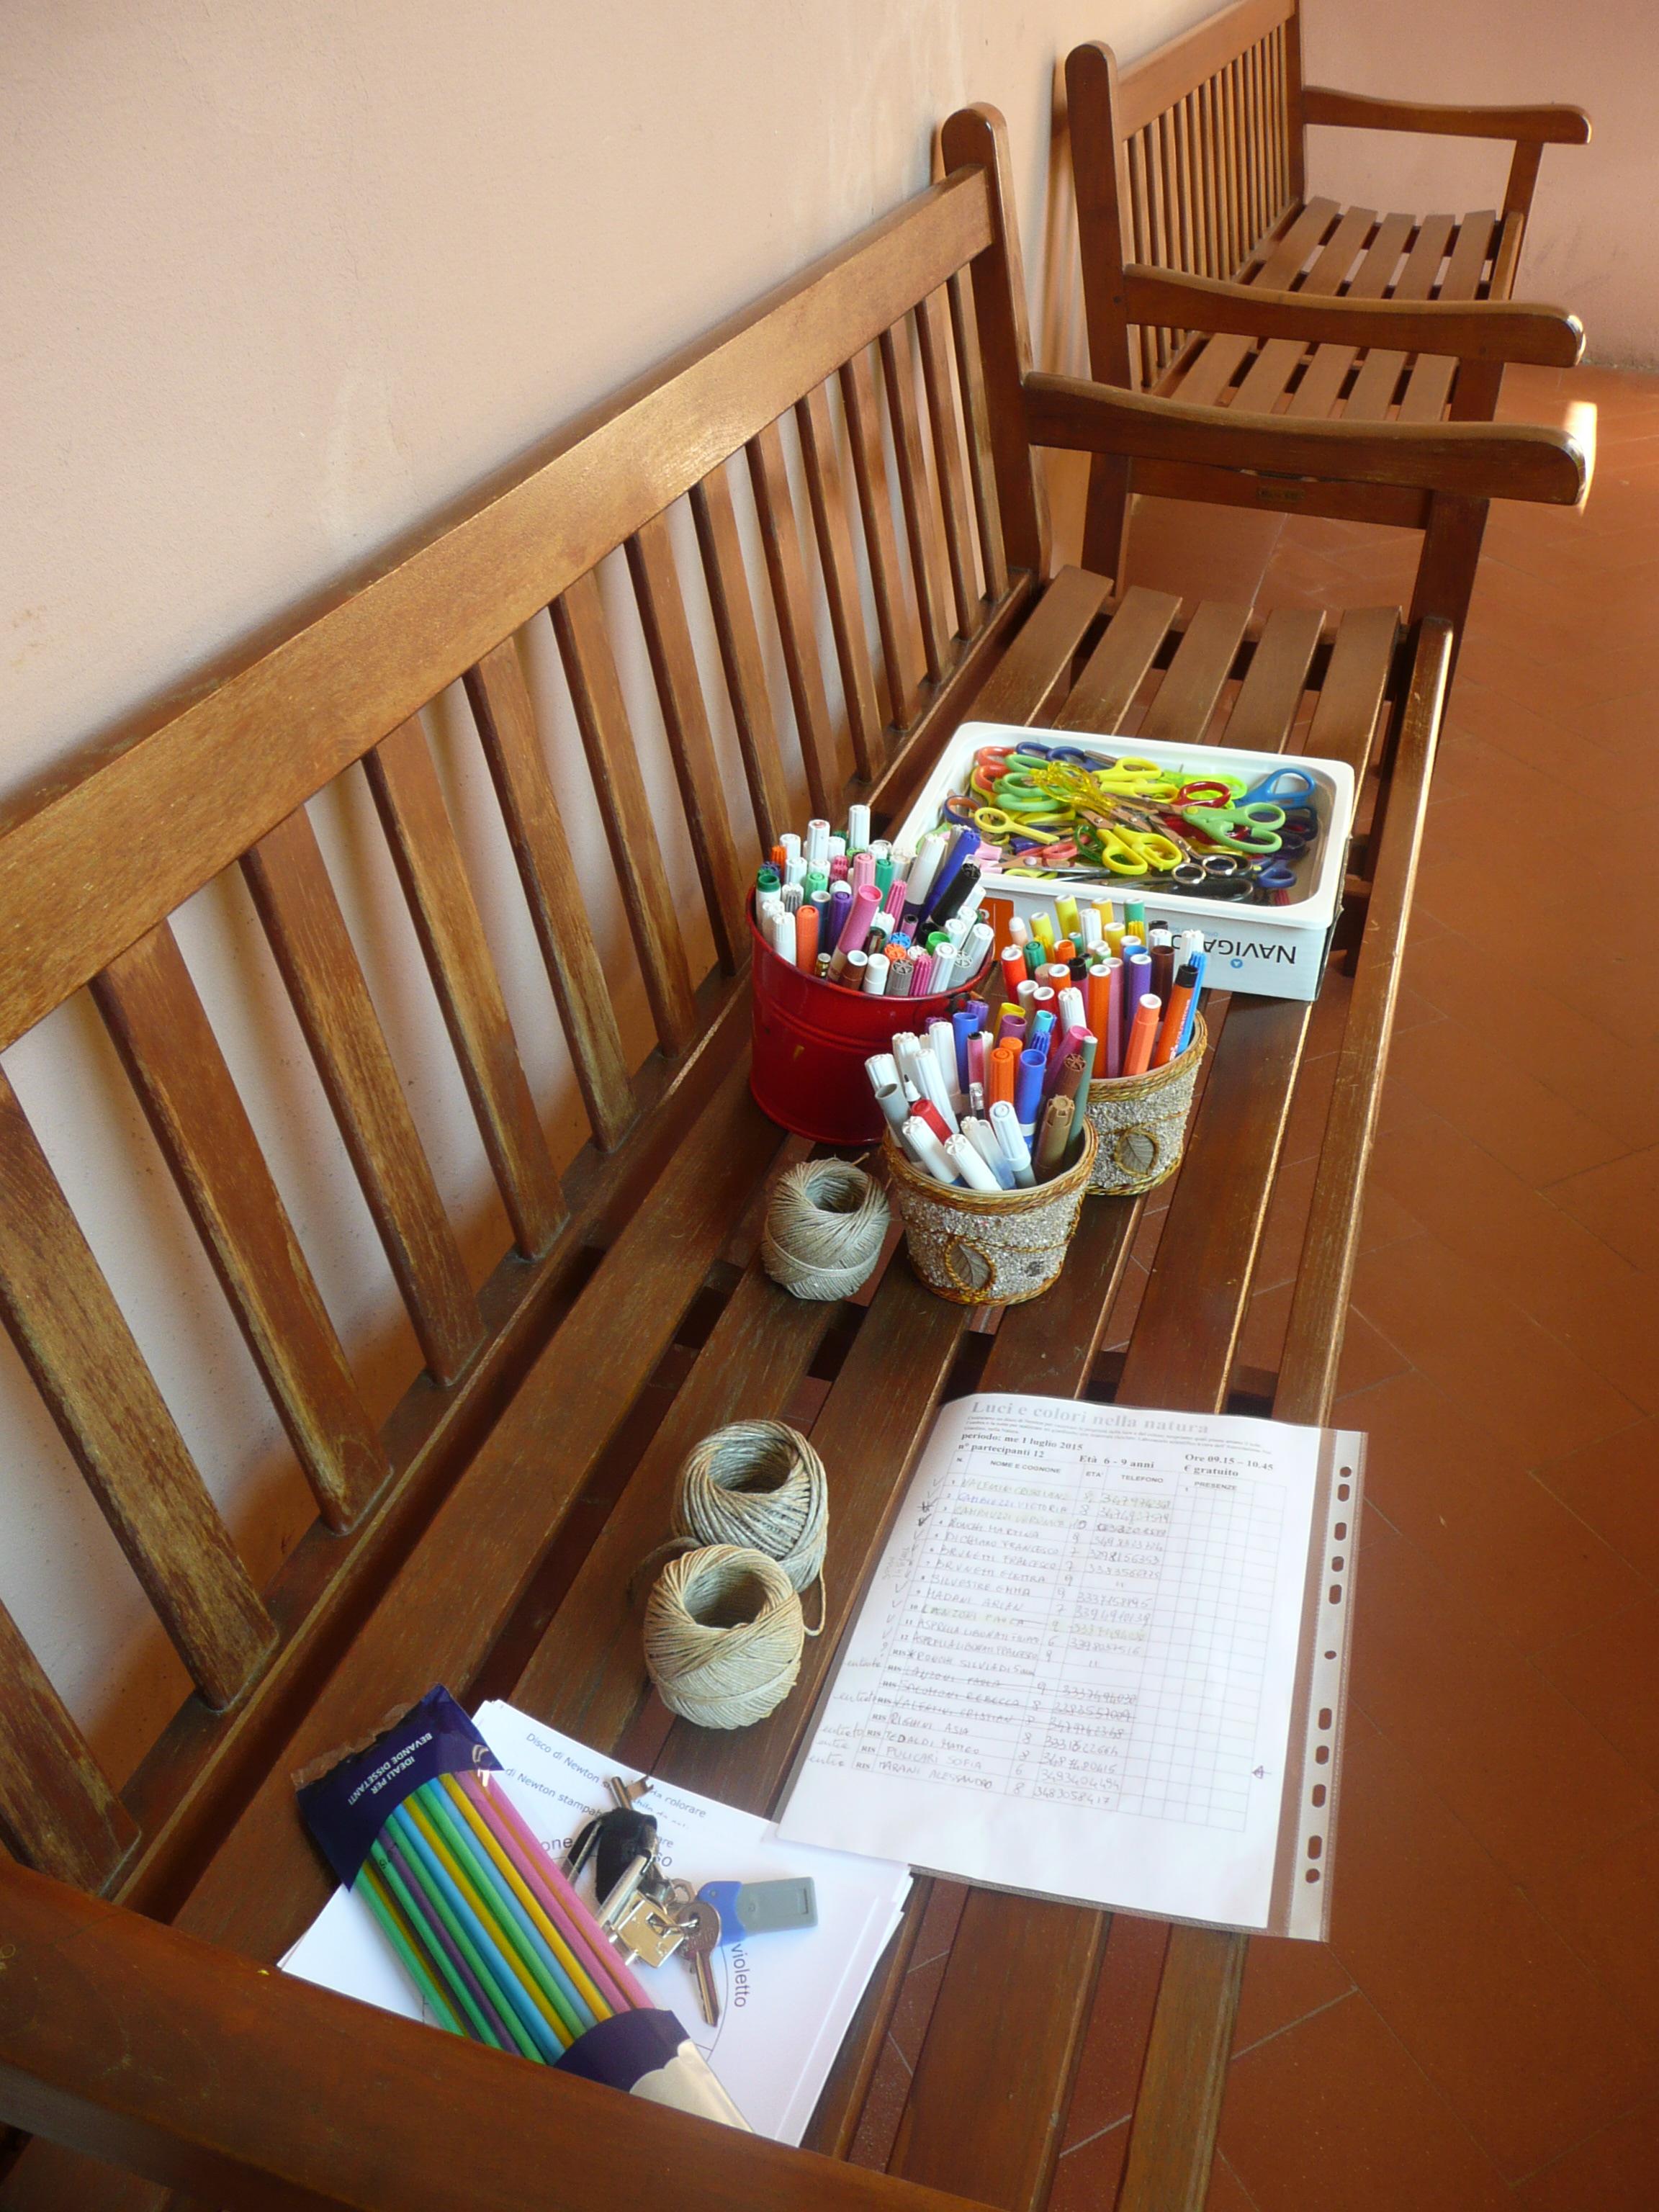 Una mattina a casa piani a cura di franca palanchetti for Piani di casa di base